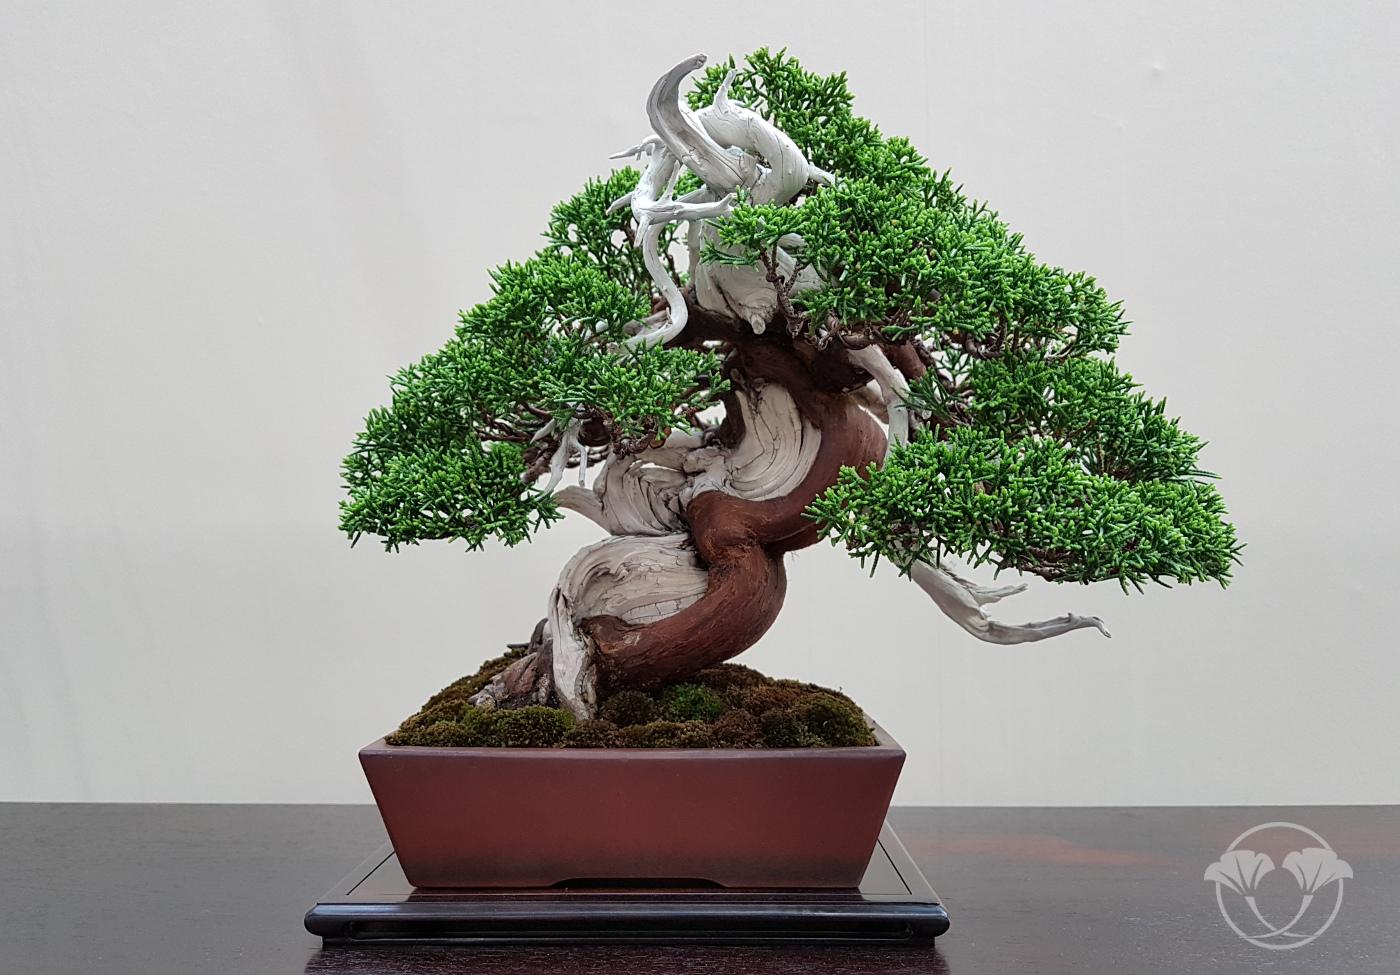 bonsai shohin le site de référence pour l'achat, la vente et les informations sur les shohins